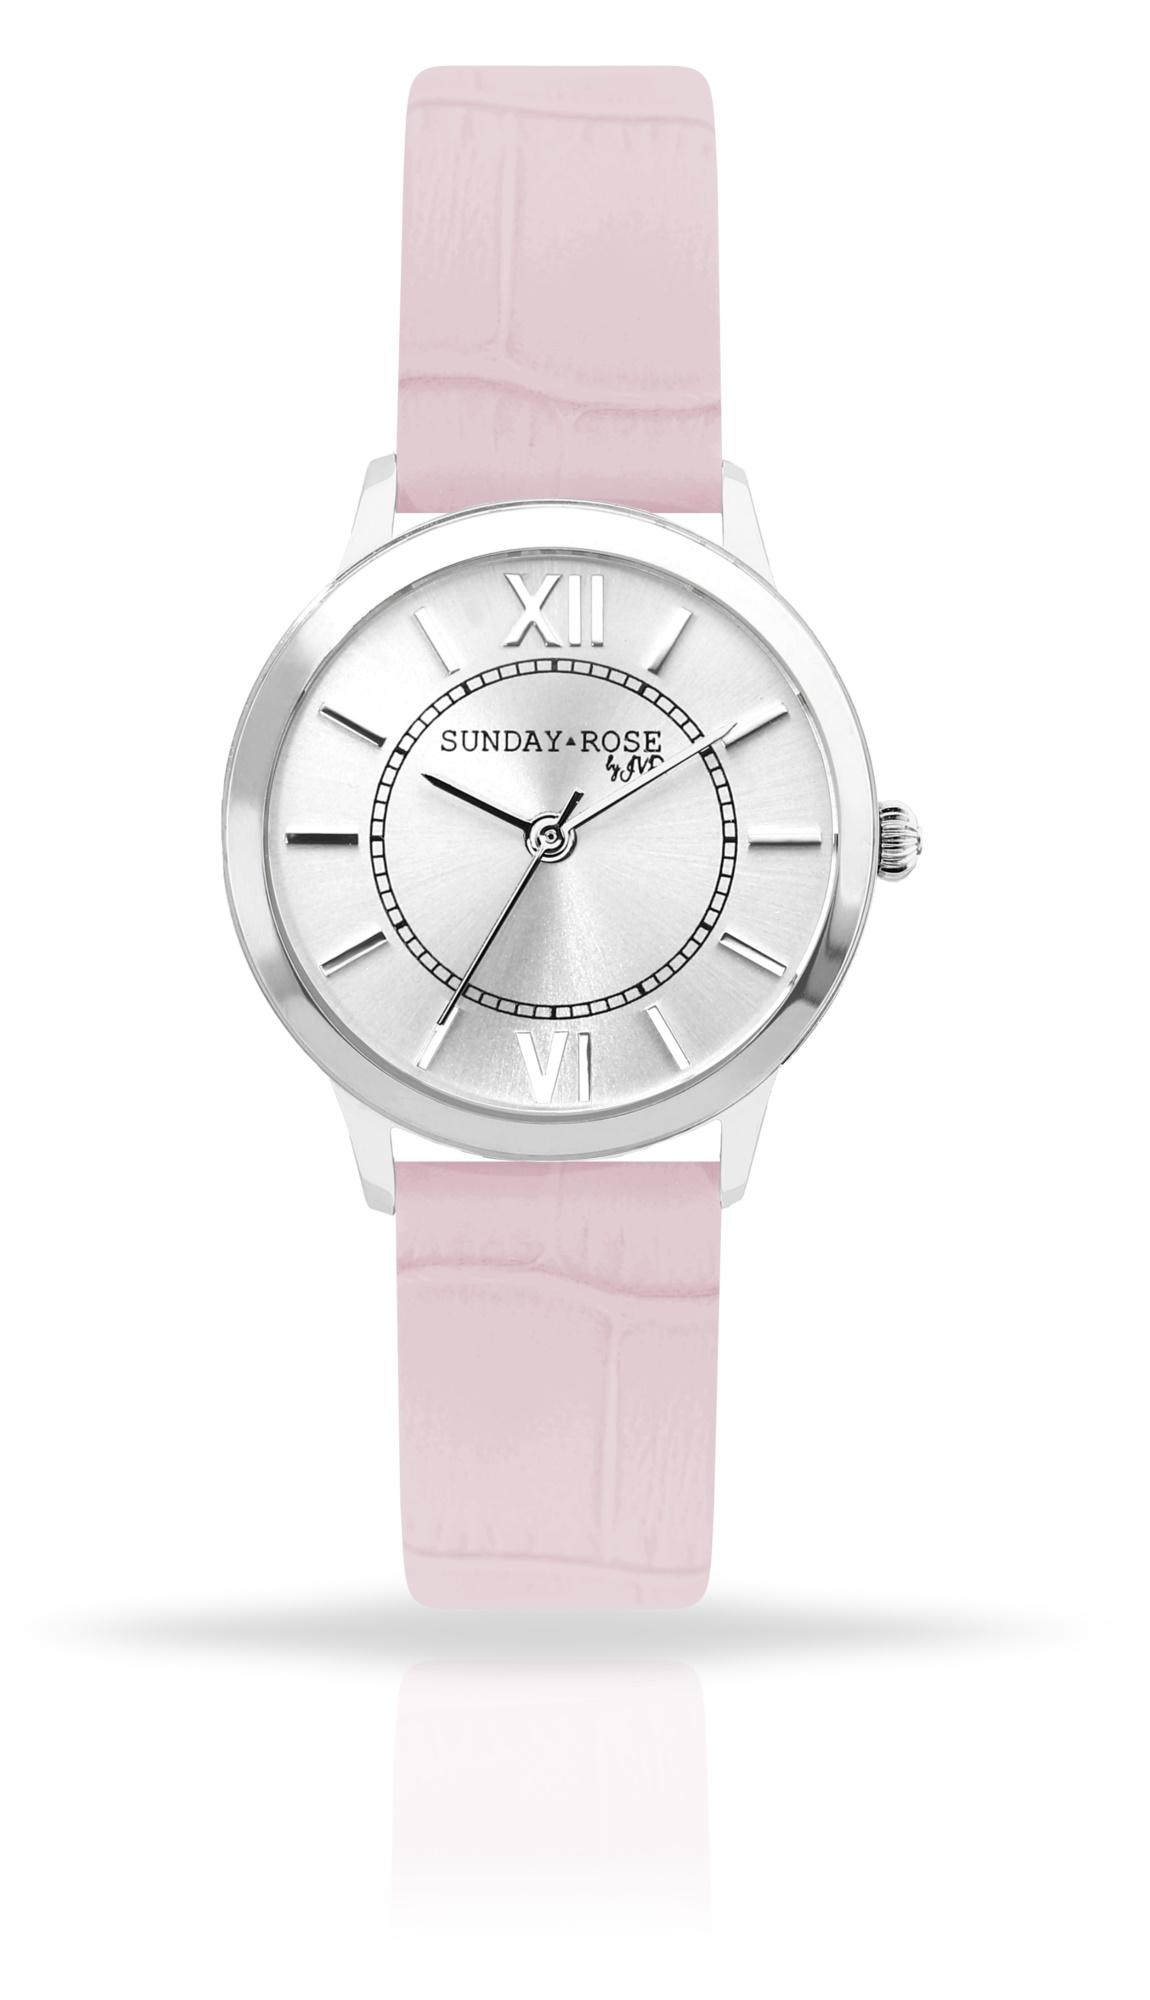 Dámské luxusní designové hodinky SUNDAY ROSE Darling SWEET PINK ... 82c691635b